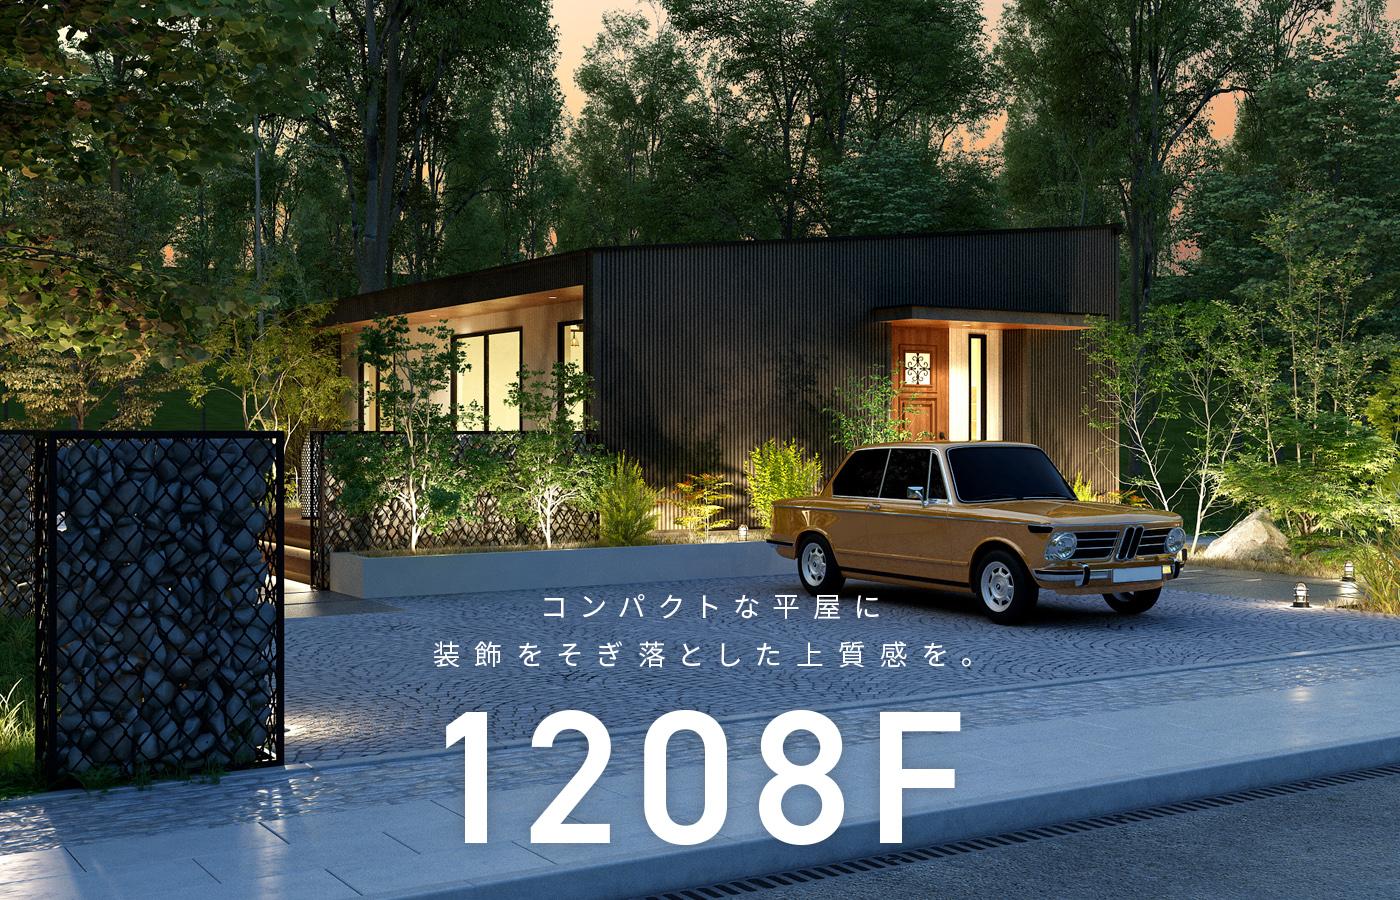 新しい時代の家族に向き合う規格住宅ブランド「ジブンハウス」、2人暮らしの新たな選択肢、ミニマムな平屋「1208F」をリリース